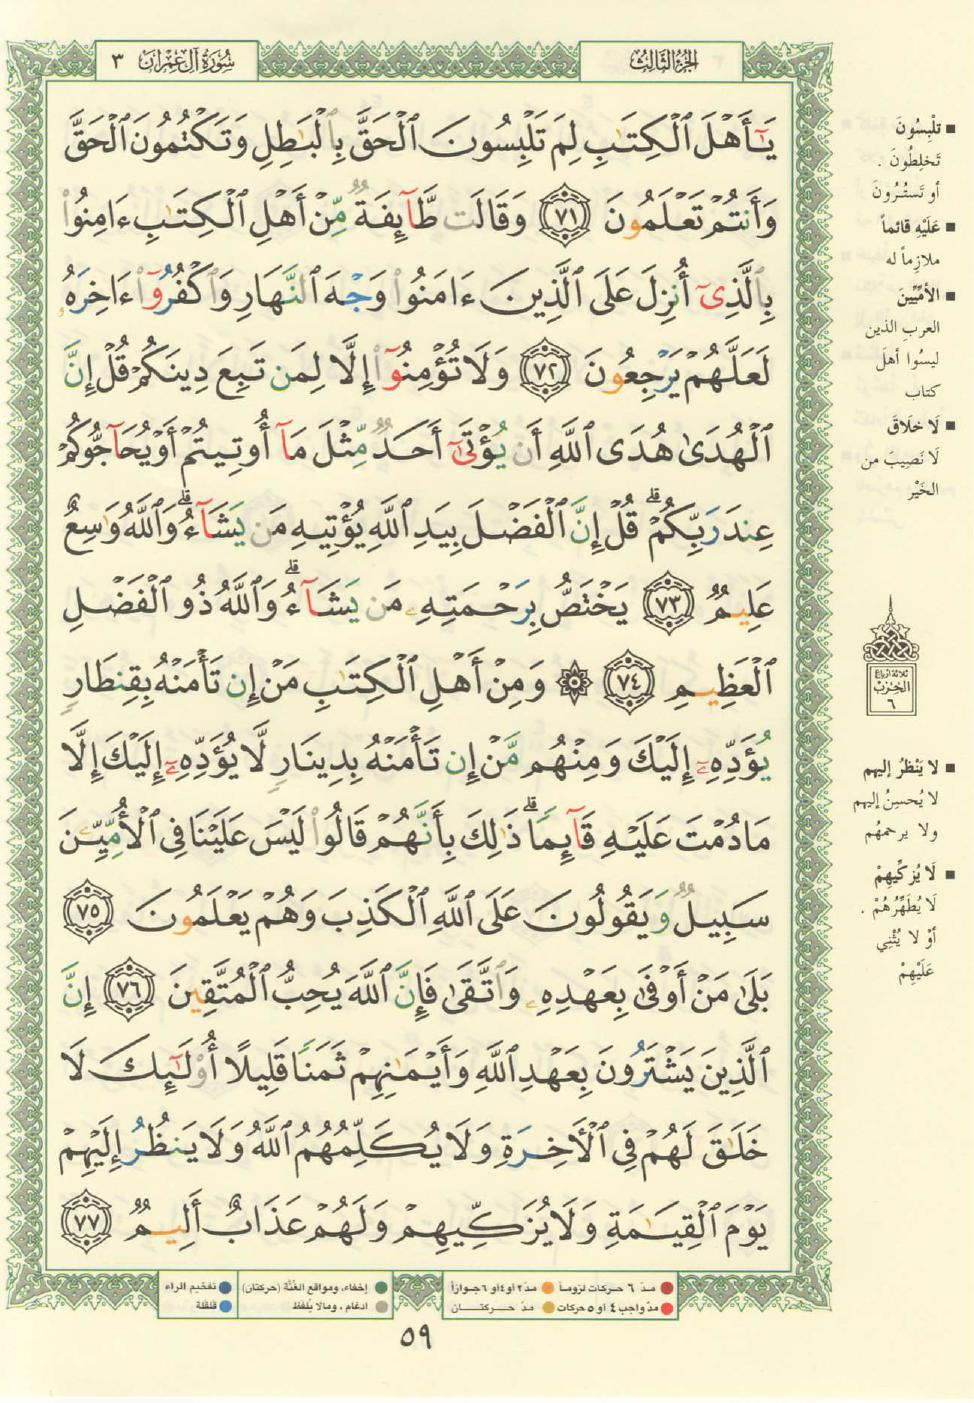 3. سورة آل عمران - Al-Imran مصورة من المصحف الشريف Quran_tajwid_000068